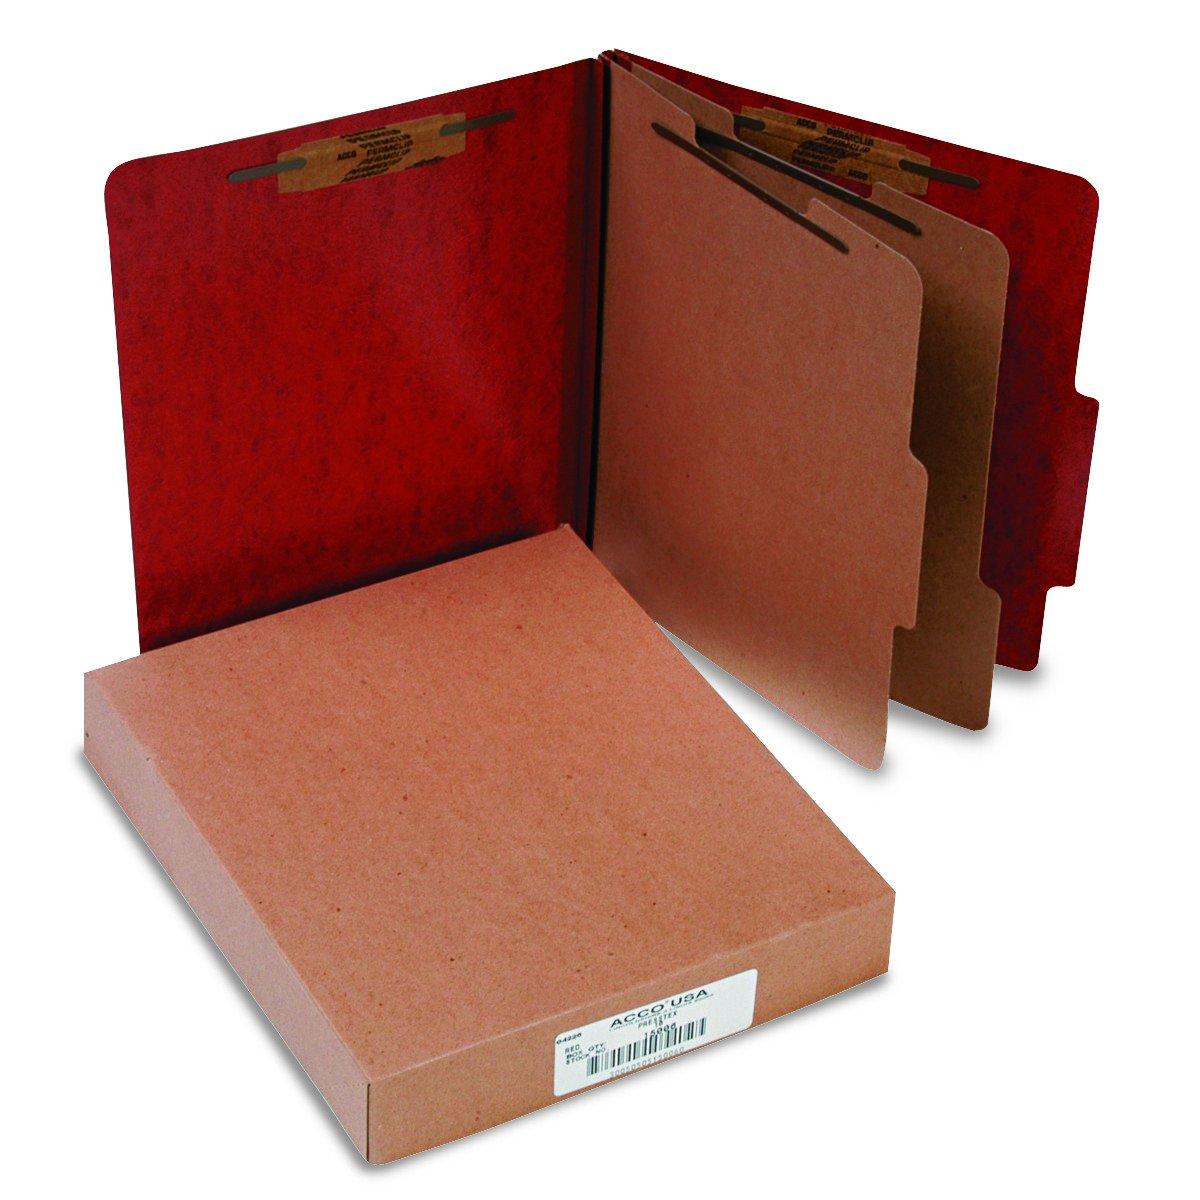 Acco ACCO Presstex Classification Folders (ACC15006) by ACCO